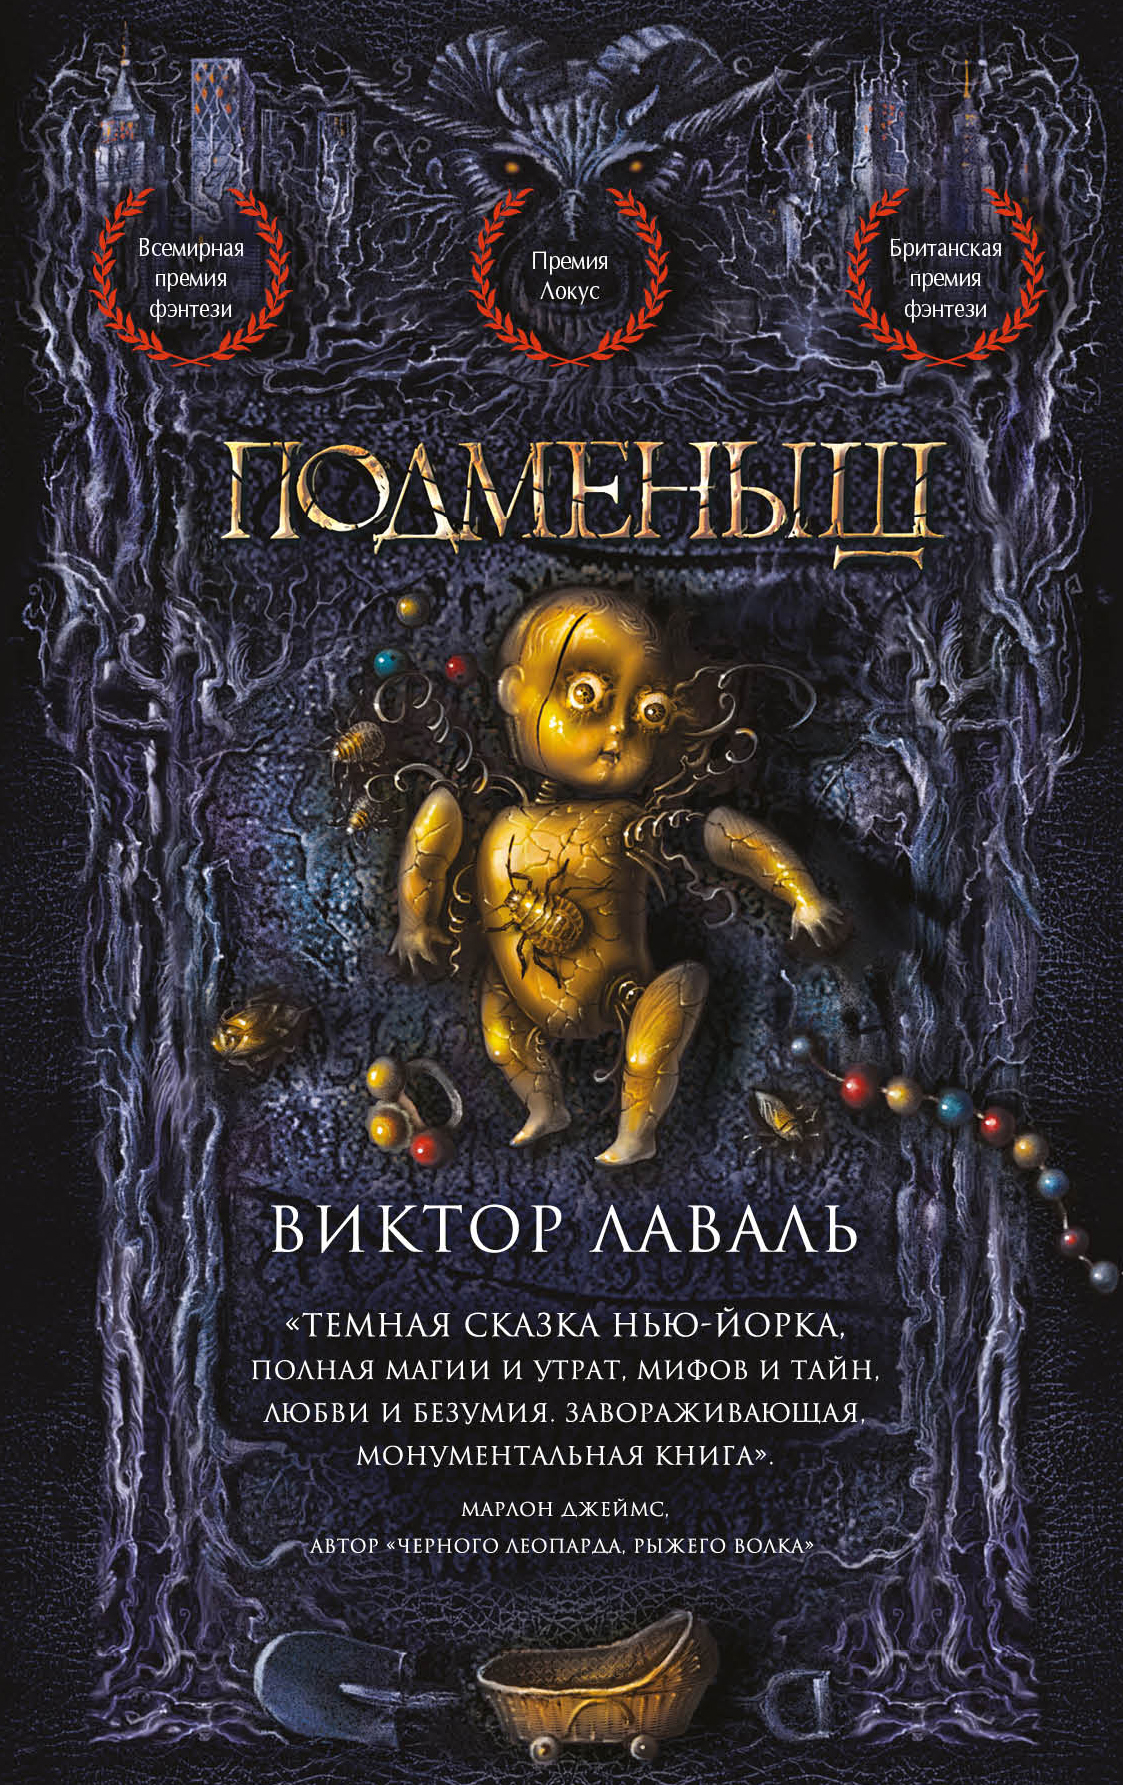 Что почитать: продолжение романа «Ведьмин век» Дяченко и жуткое городское фэнтези 2